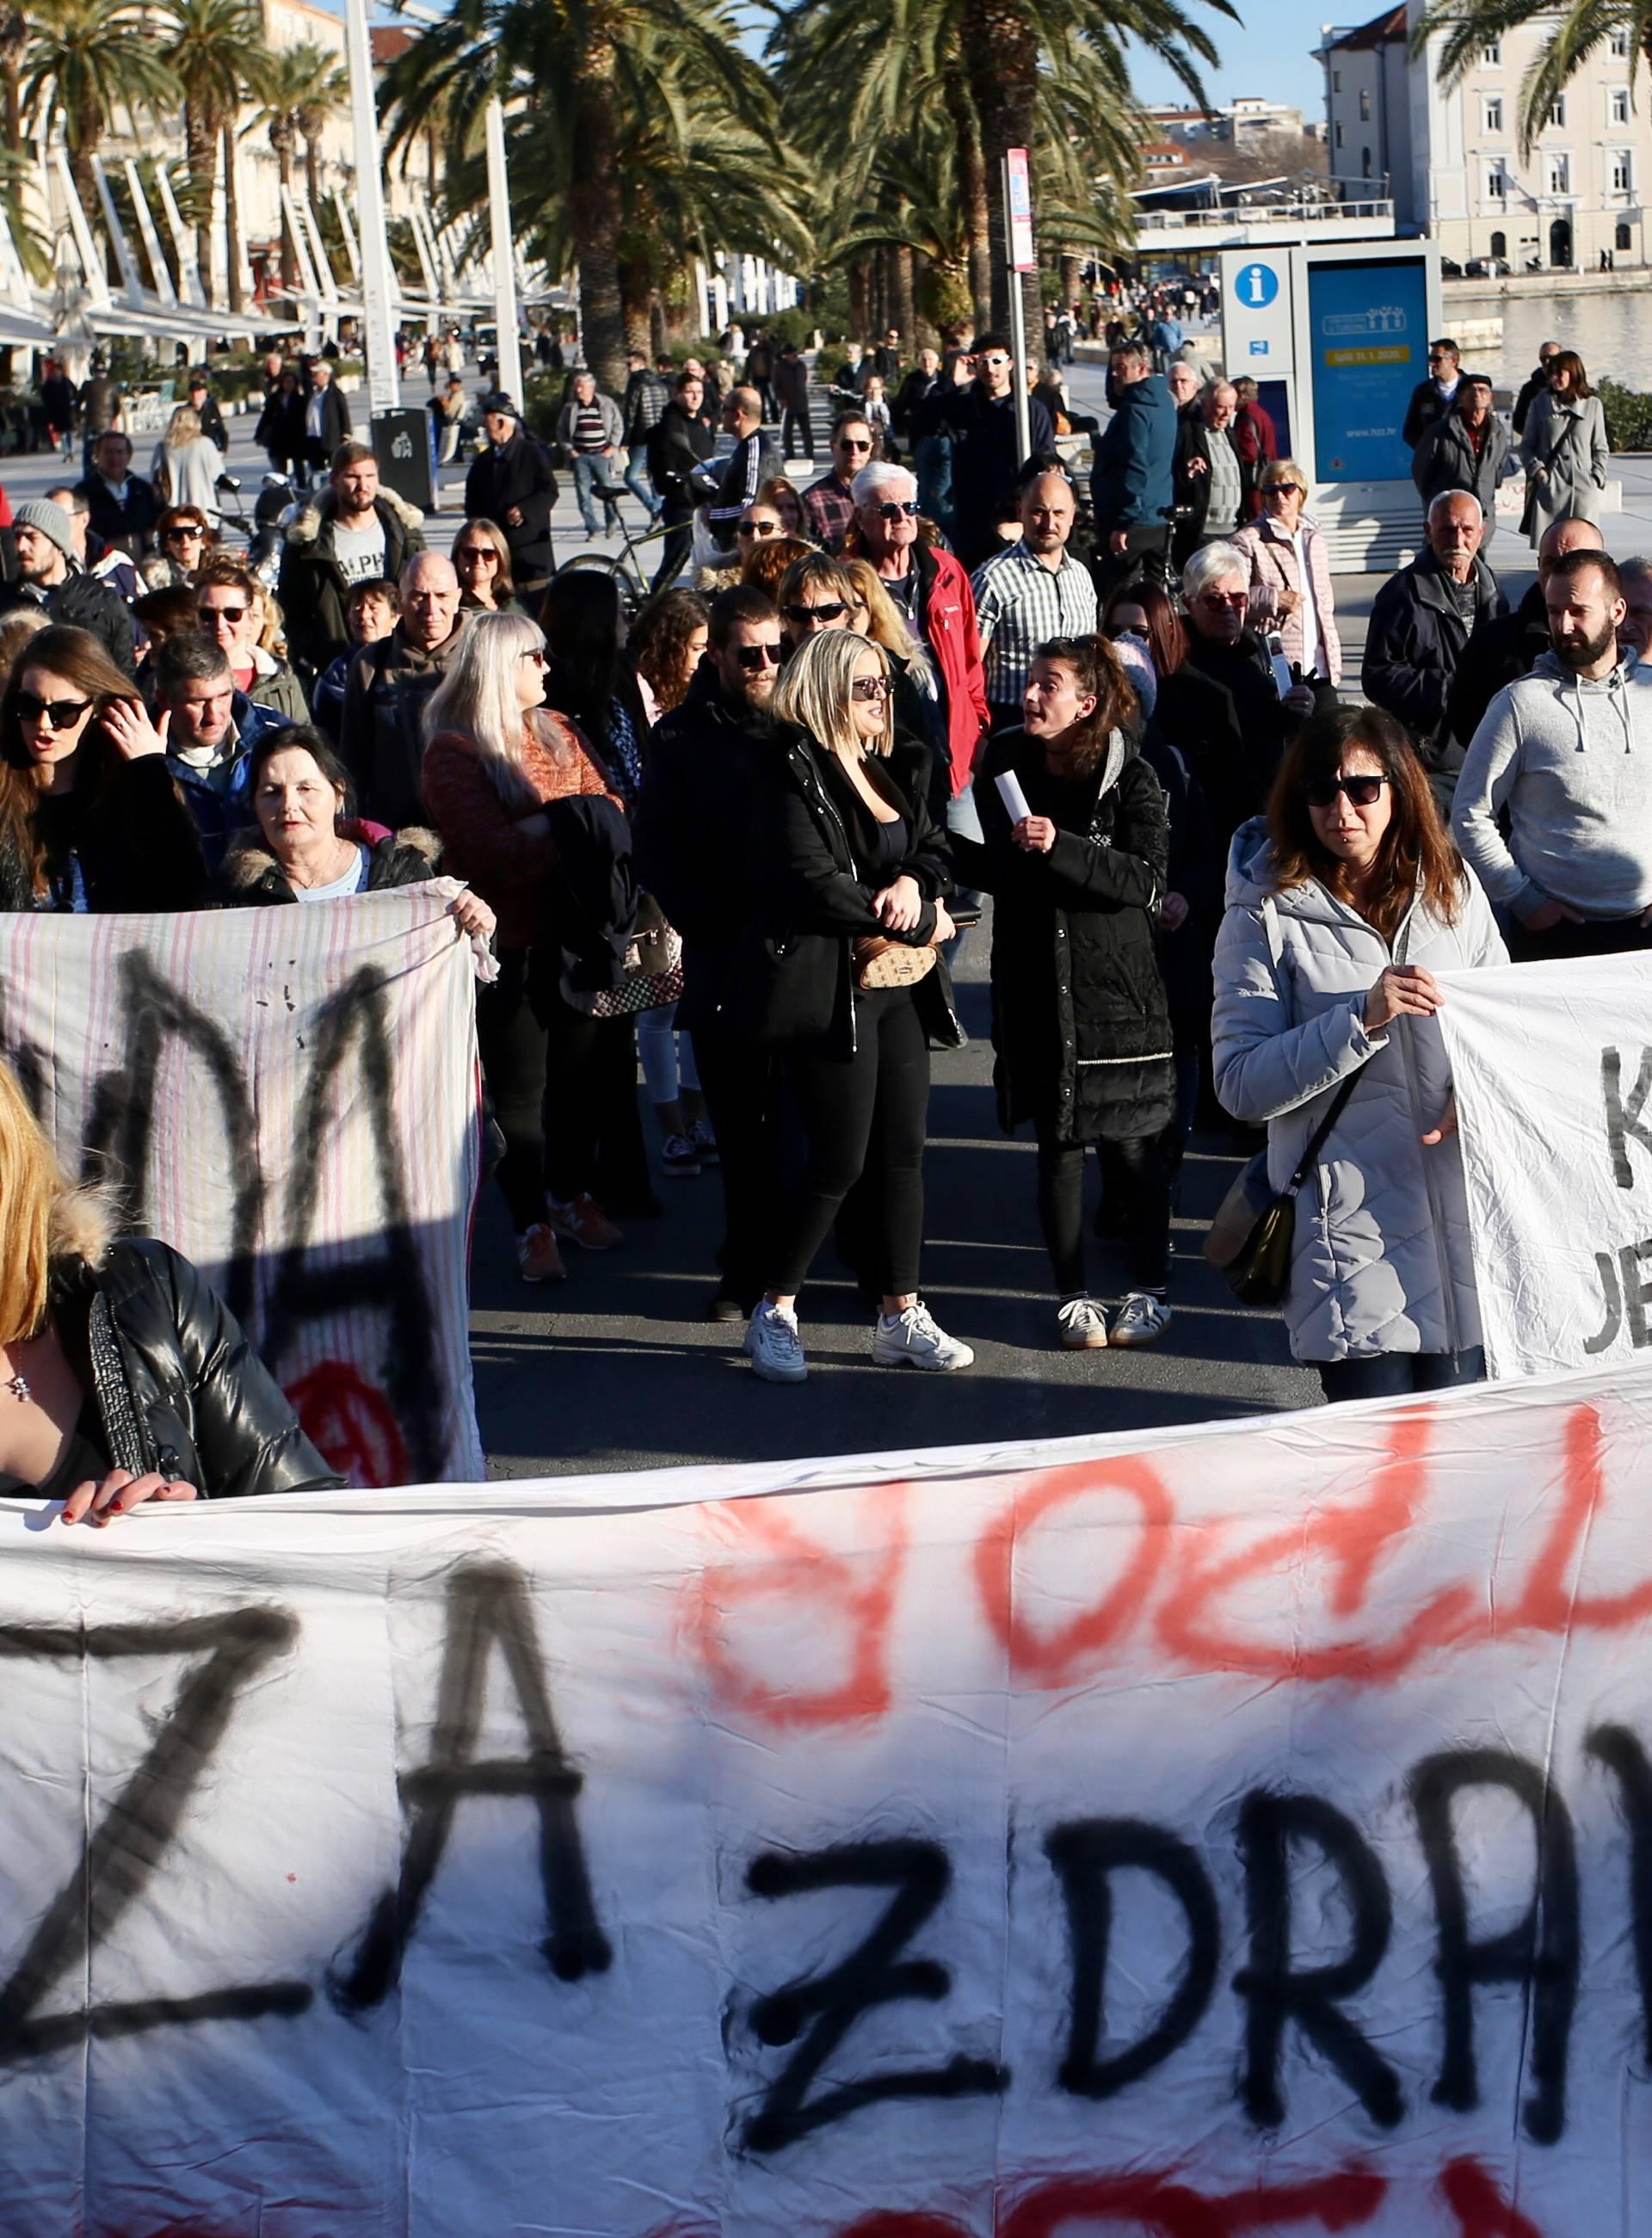 Splićani u mimohodu: 'I Filip i ubijeni žrtve su ovog sustava!'